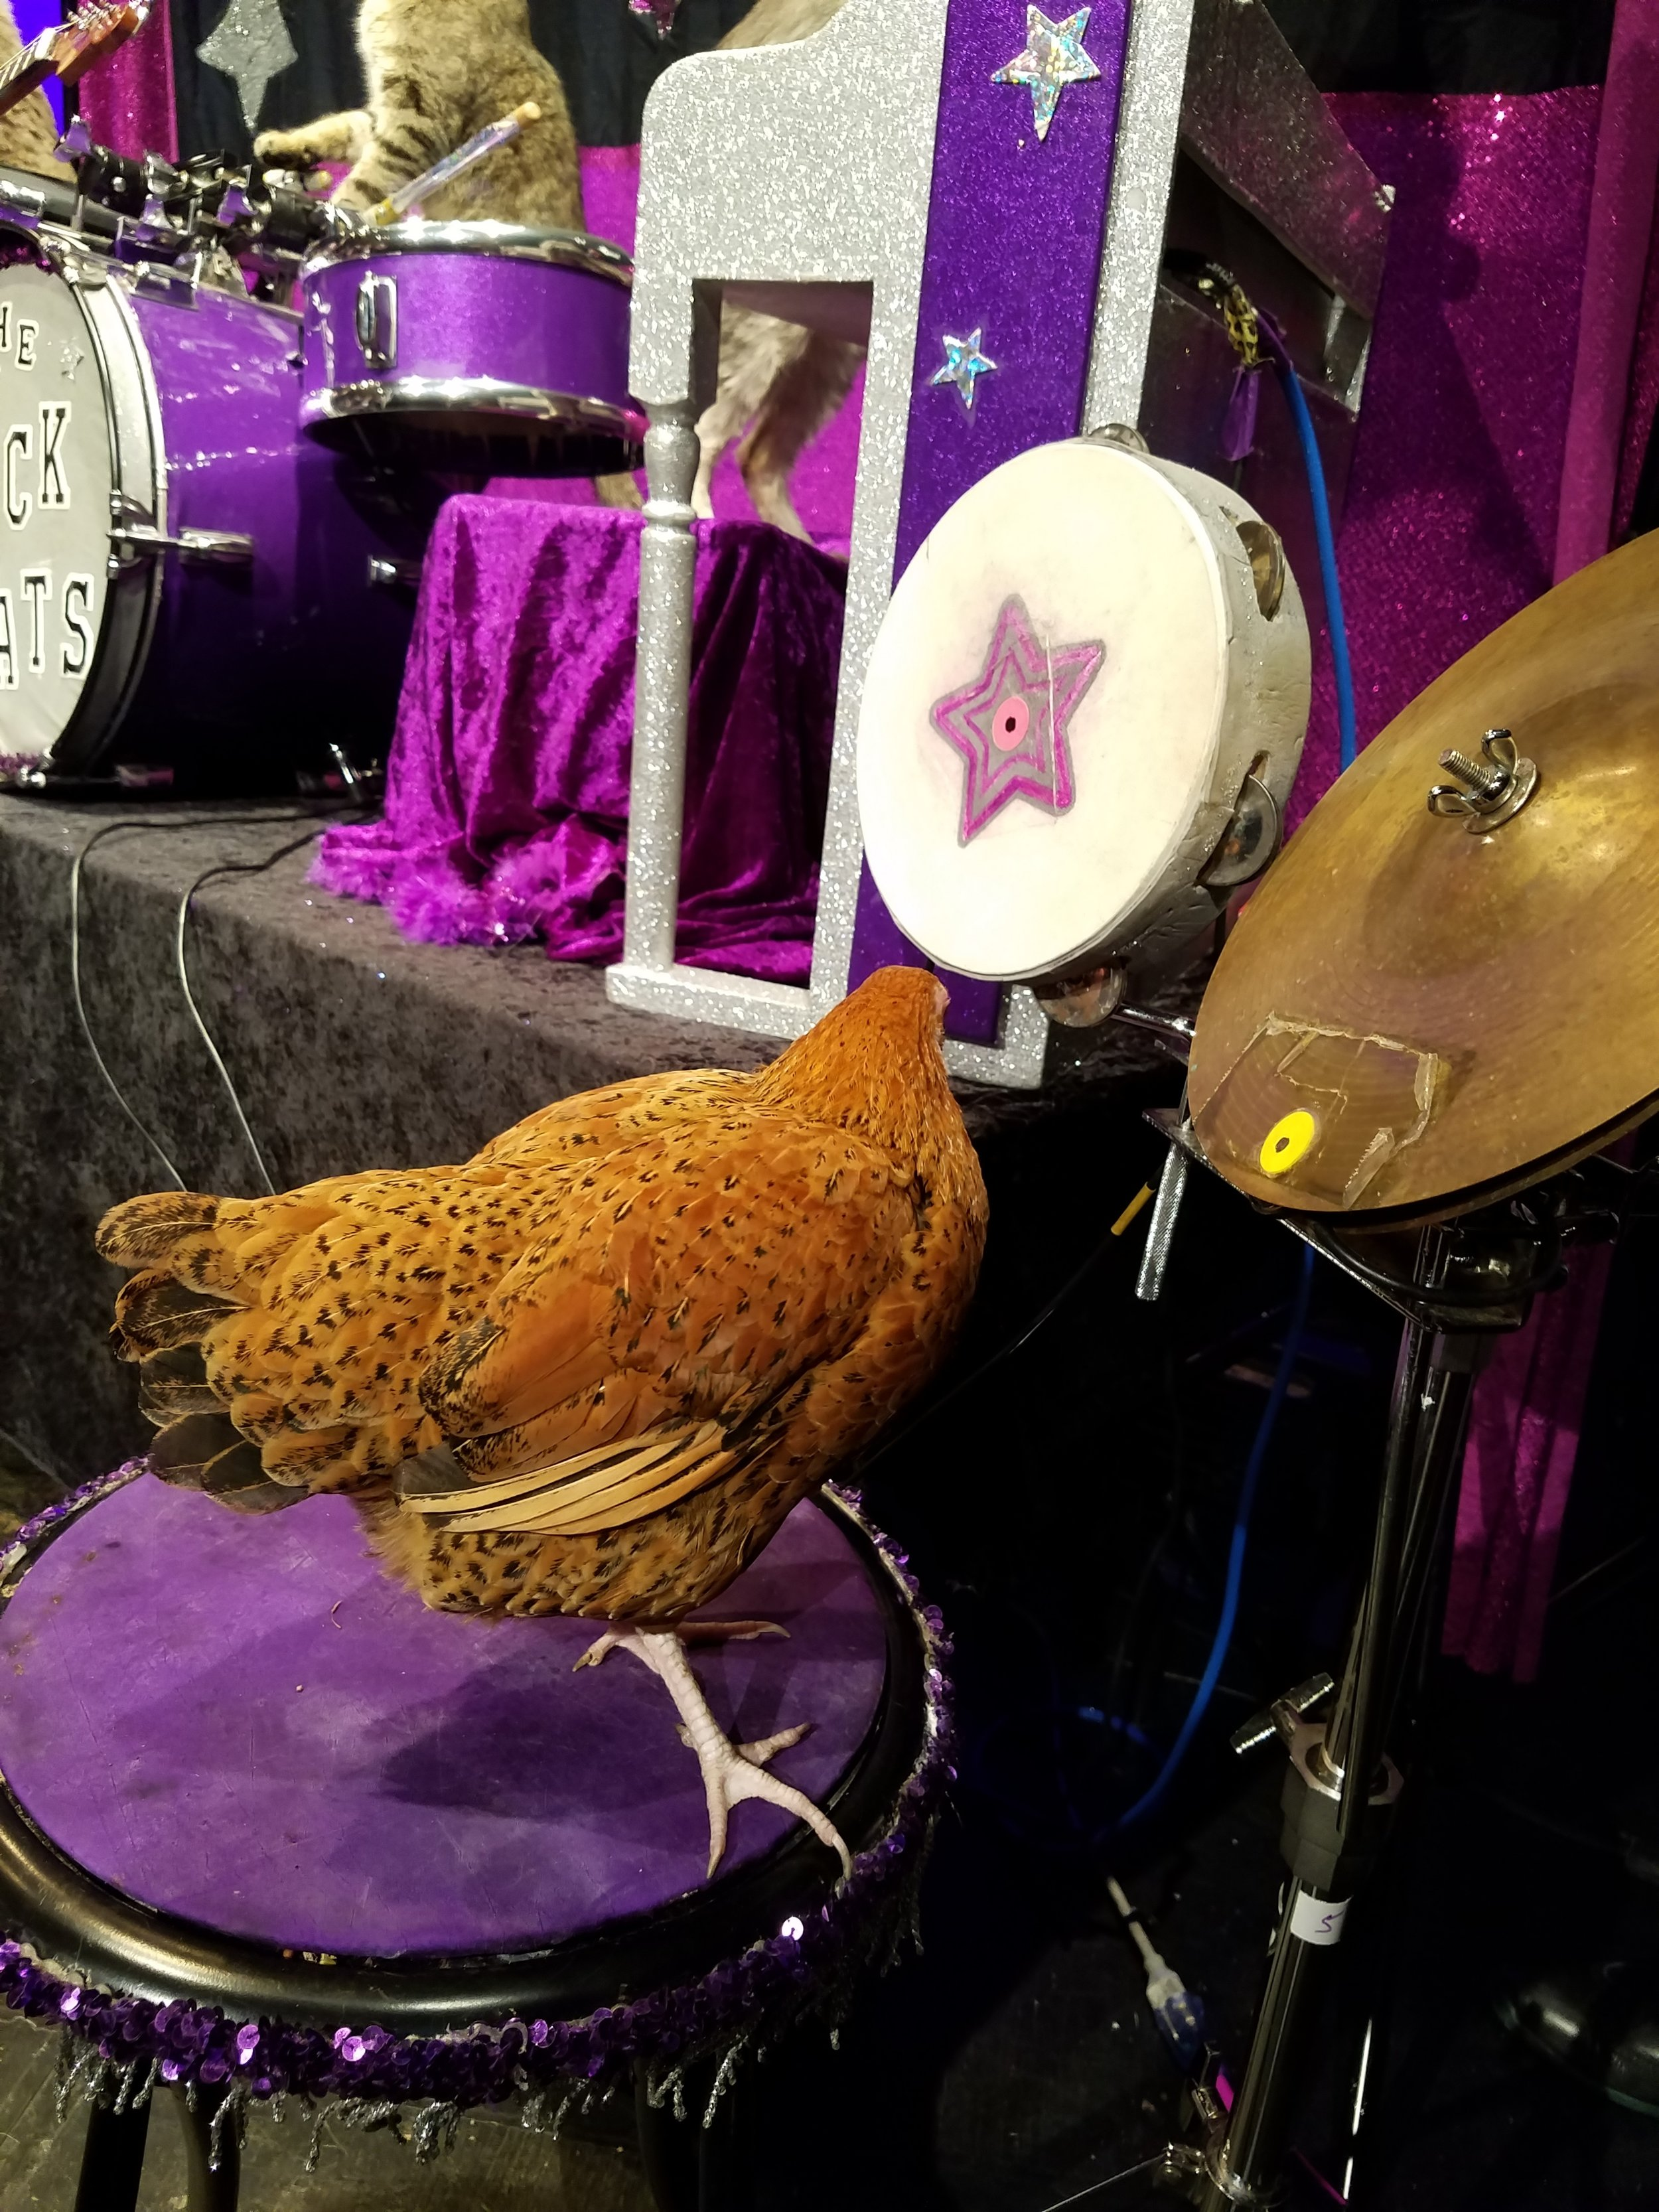 cluck-norris-acro-cats-chicken